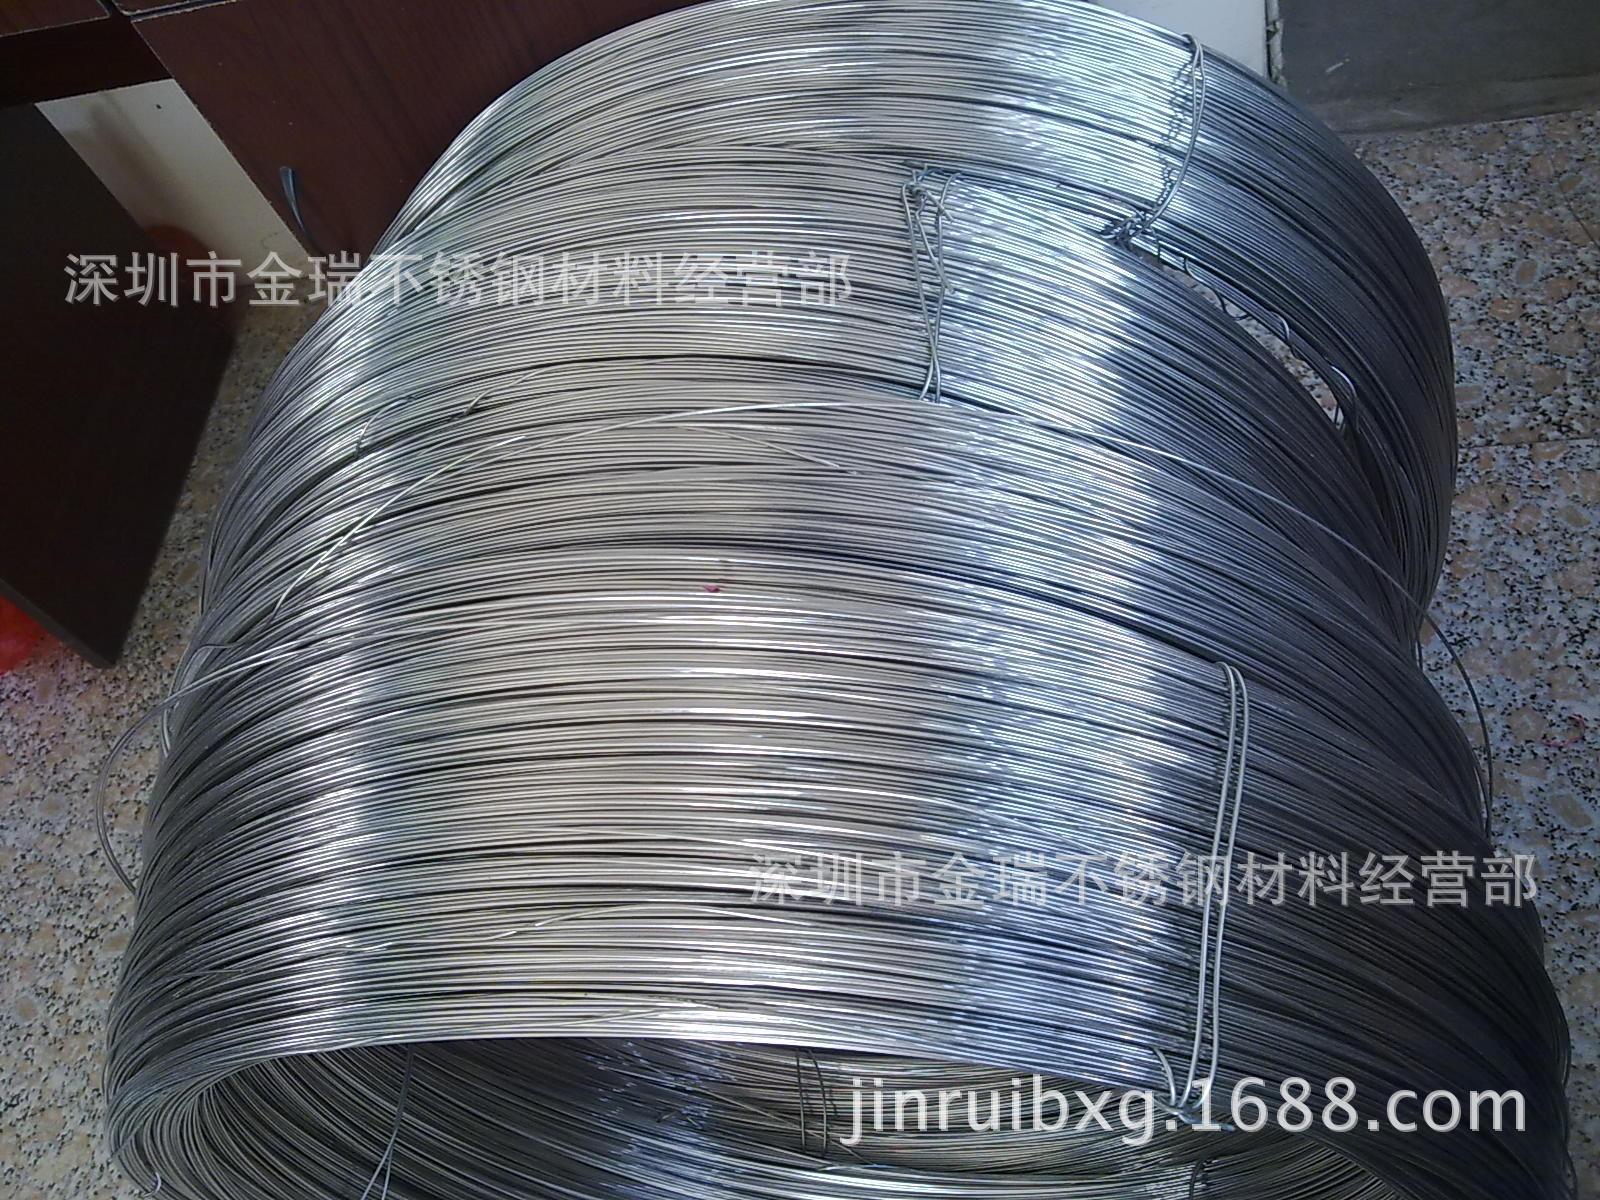 0.6不锈钢丝 不锈钢弹簧丝 201不锈钢线材